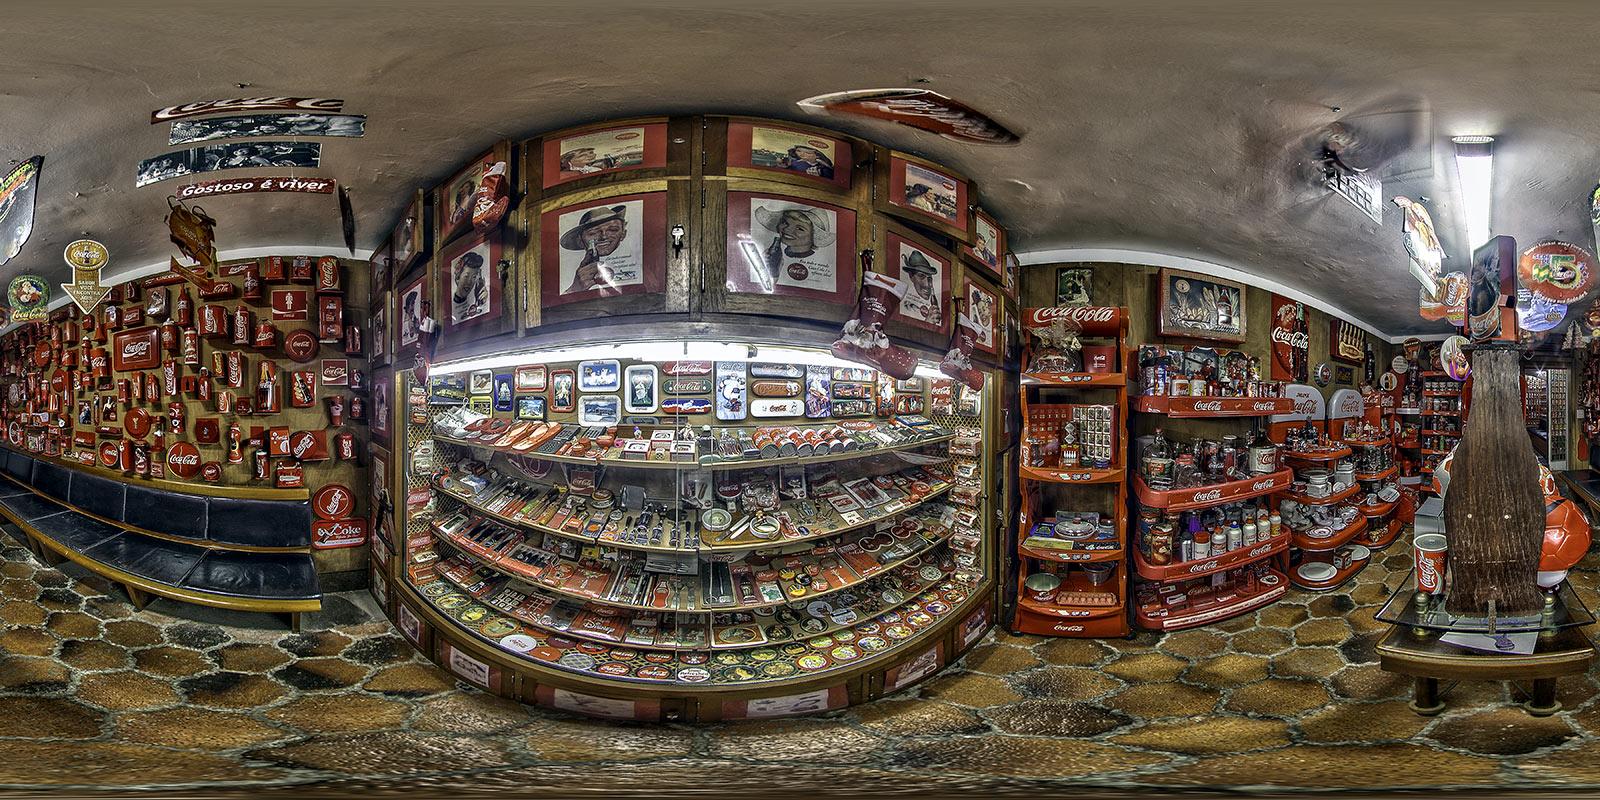 FREEPORT Restaurant :: Bigger Coke Collection in Brasil - Tour 360°